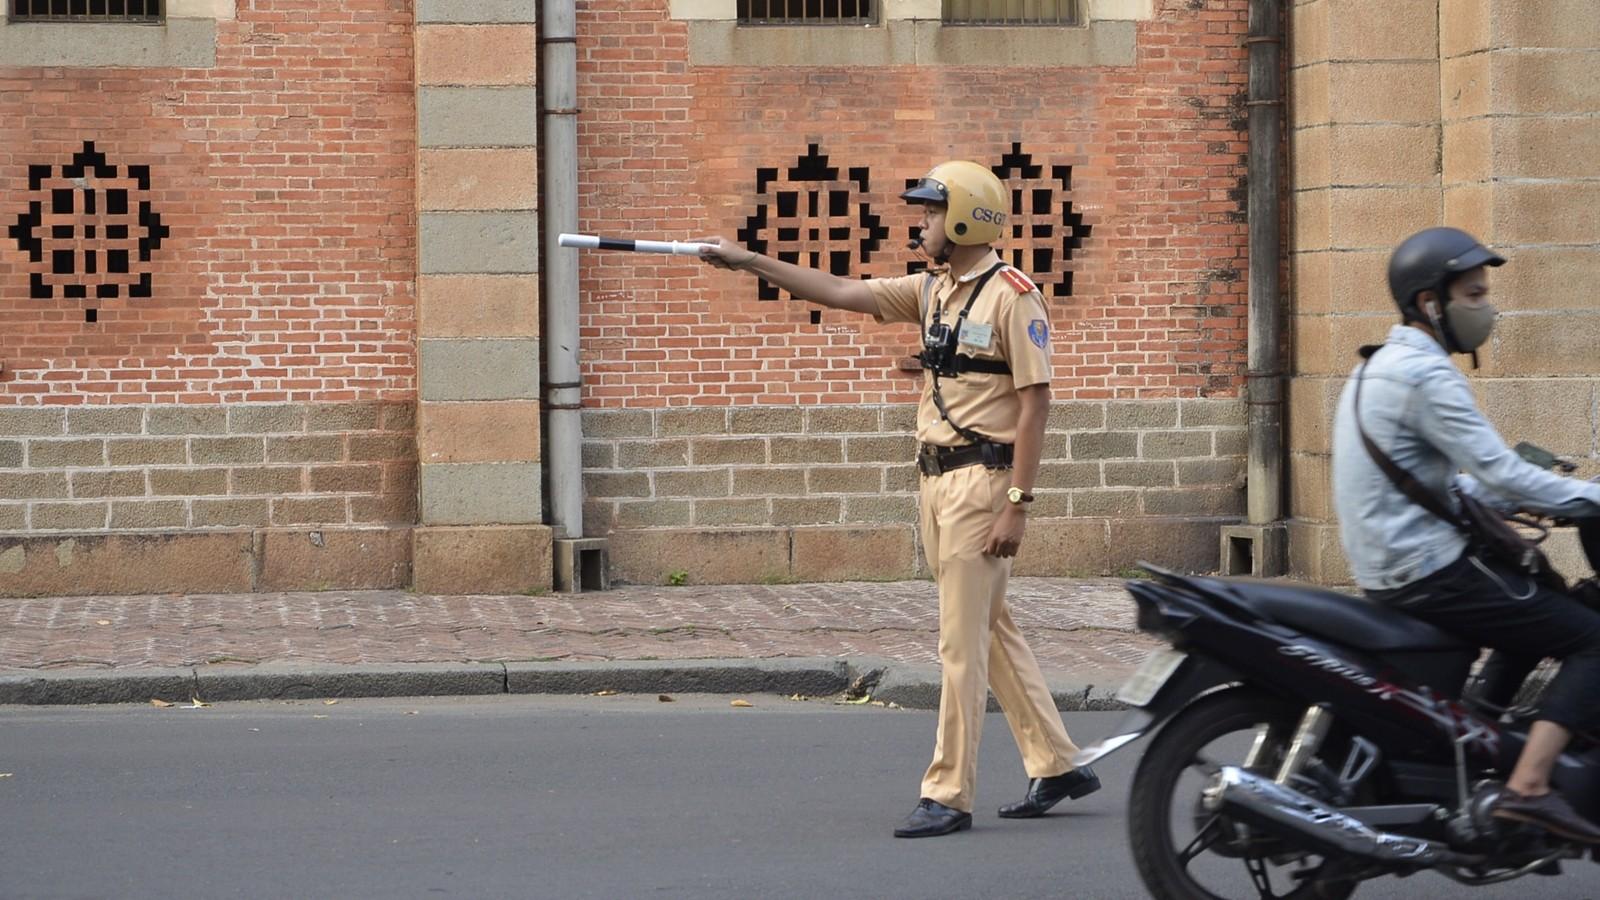 Các trường hợp cảnh sát giao thông có quyền dừng phương tiện